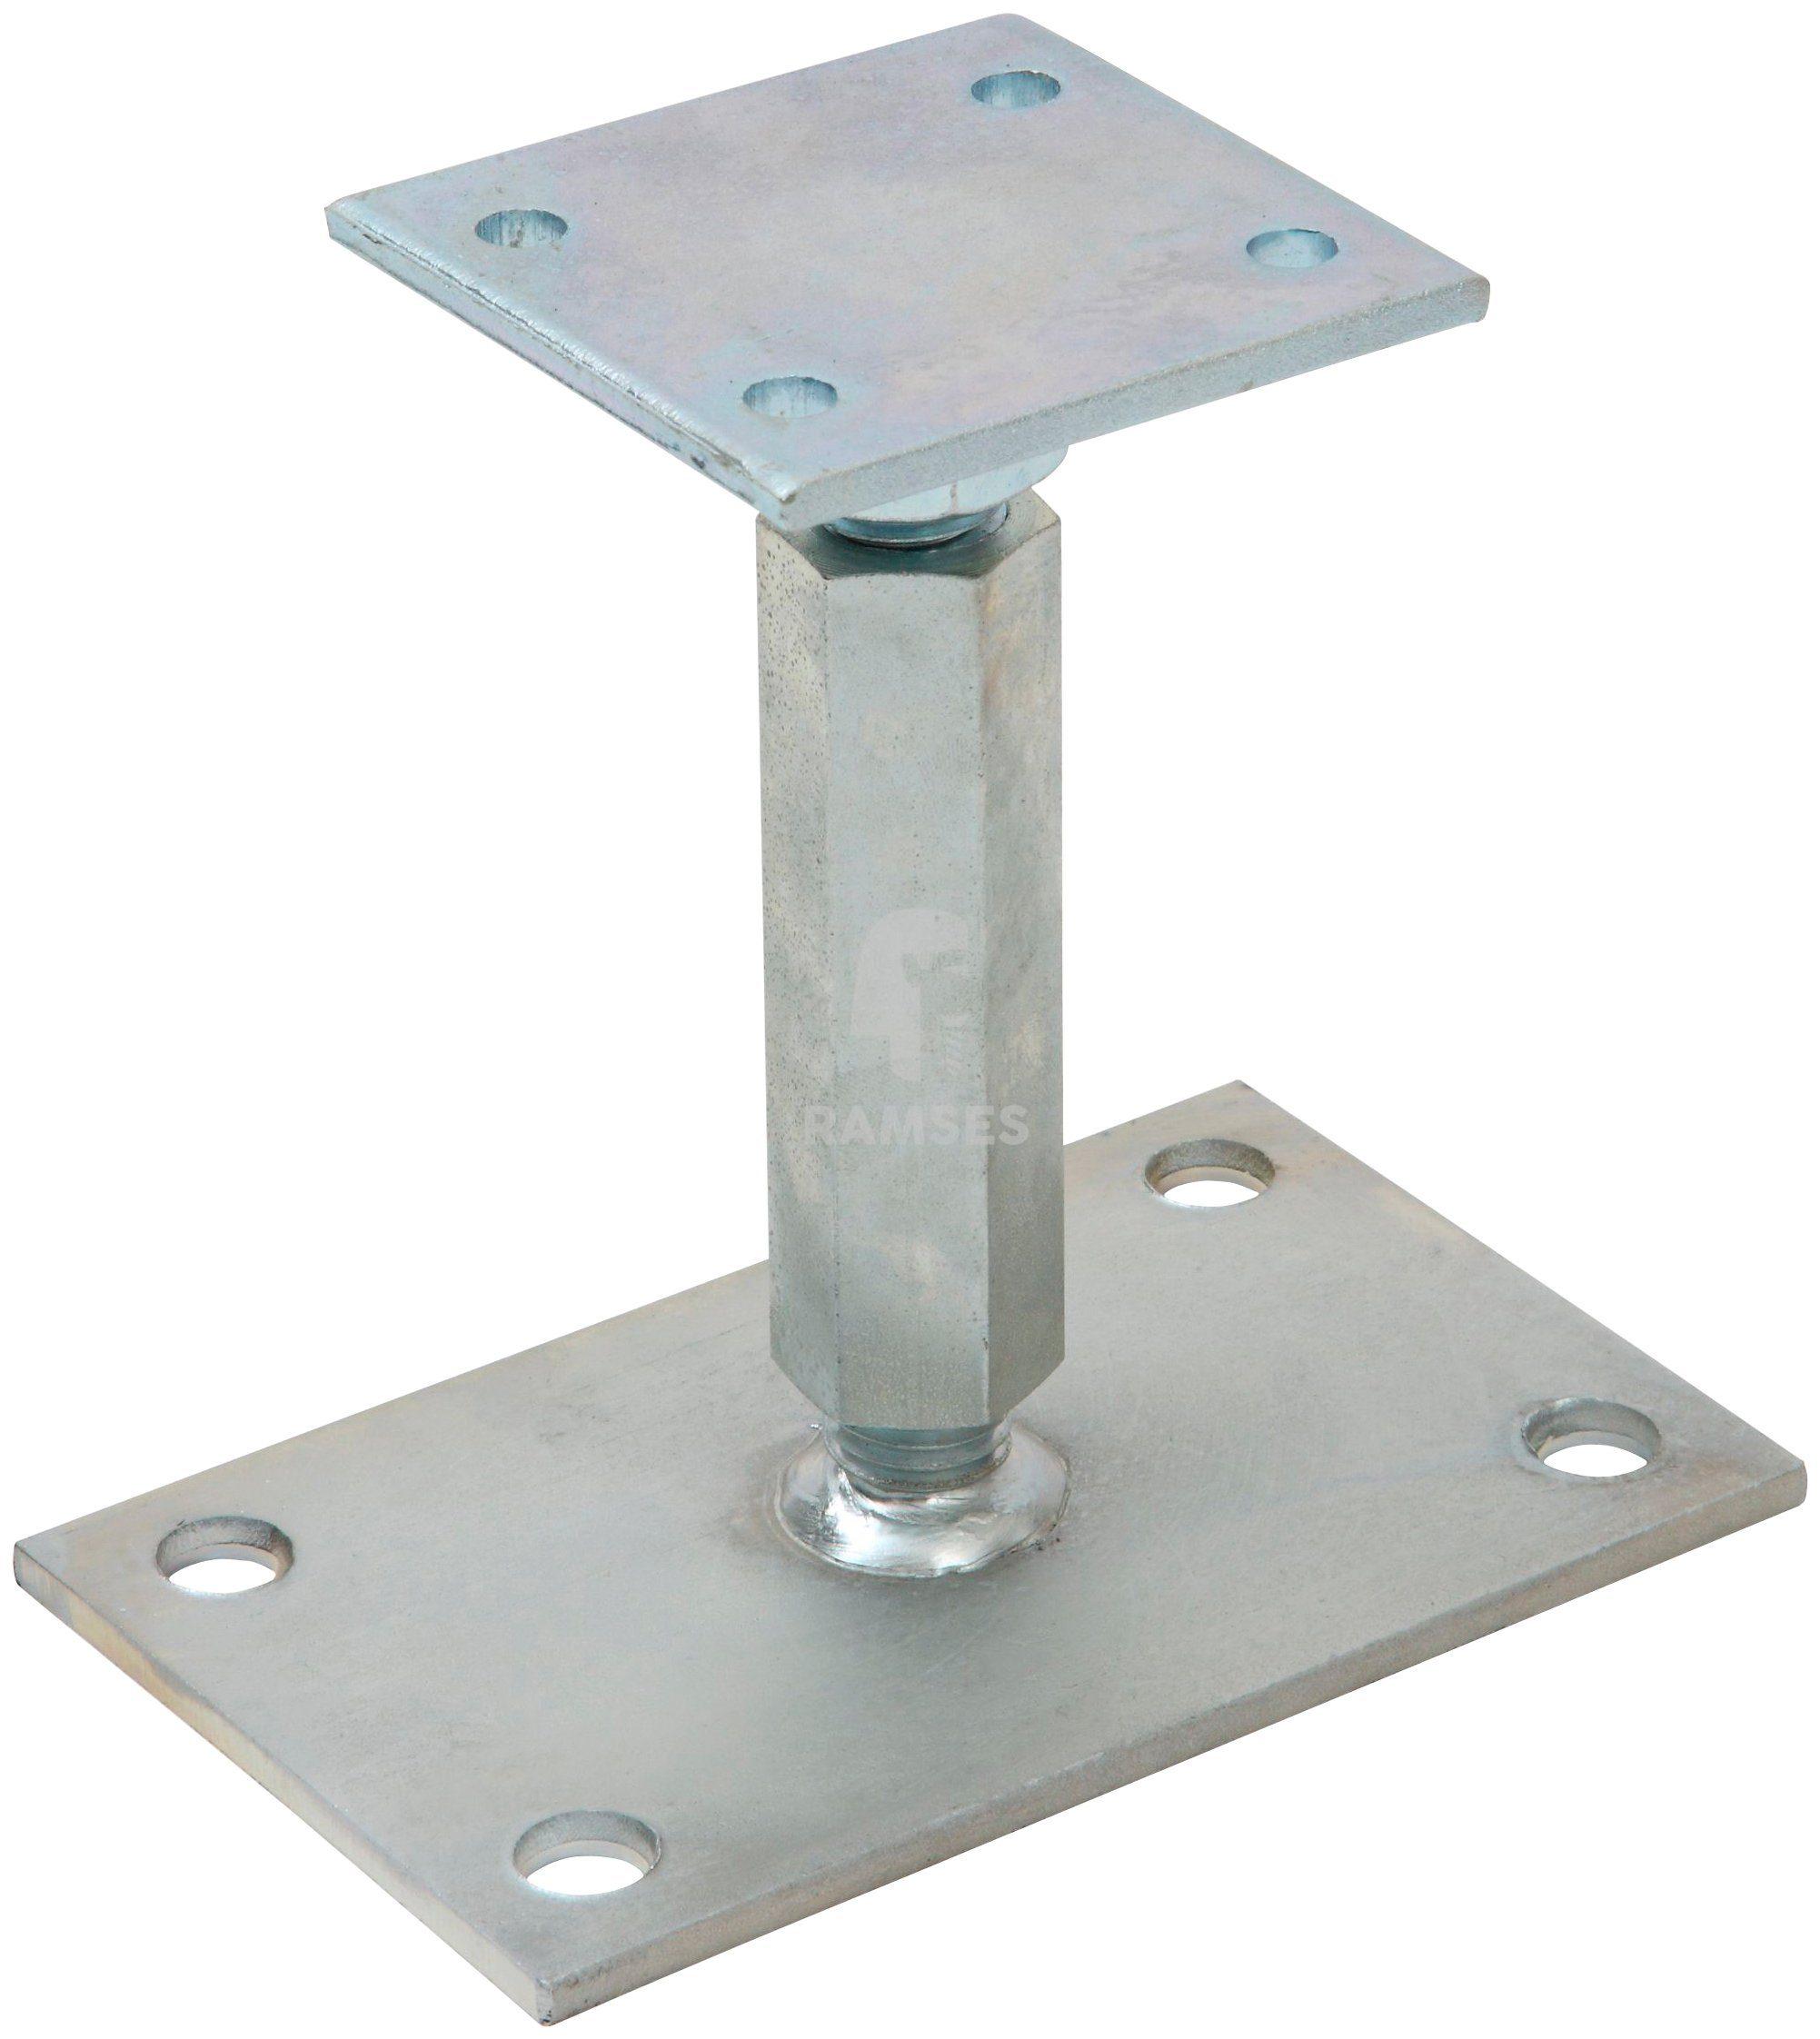 RAMSES Pfostenträger , höhenverstellbar 80 X 80 X 120 - 200 mm Stahl verzinkt